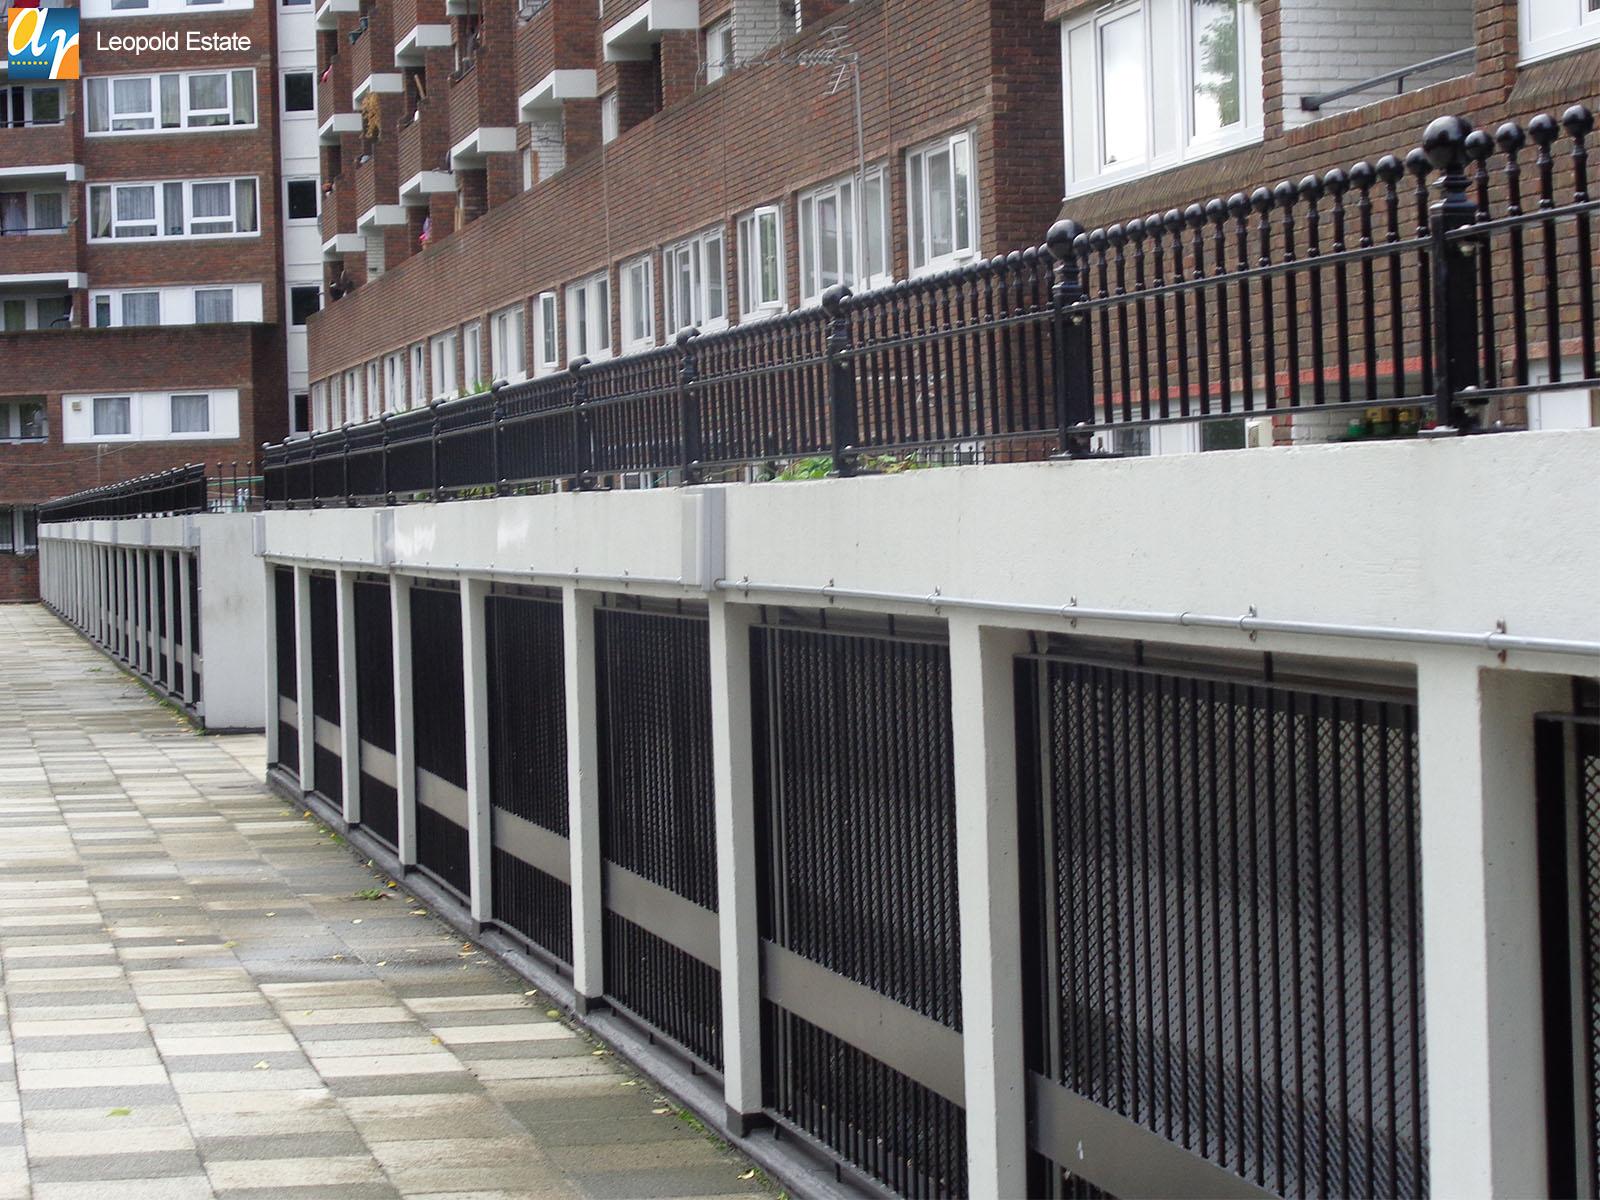 Leopold Estate Humber vertical bar railings